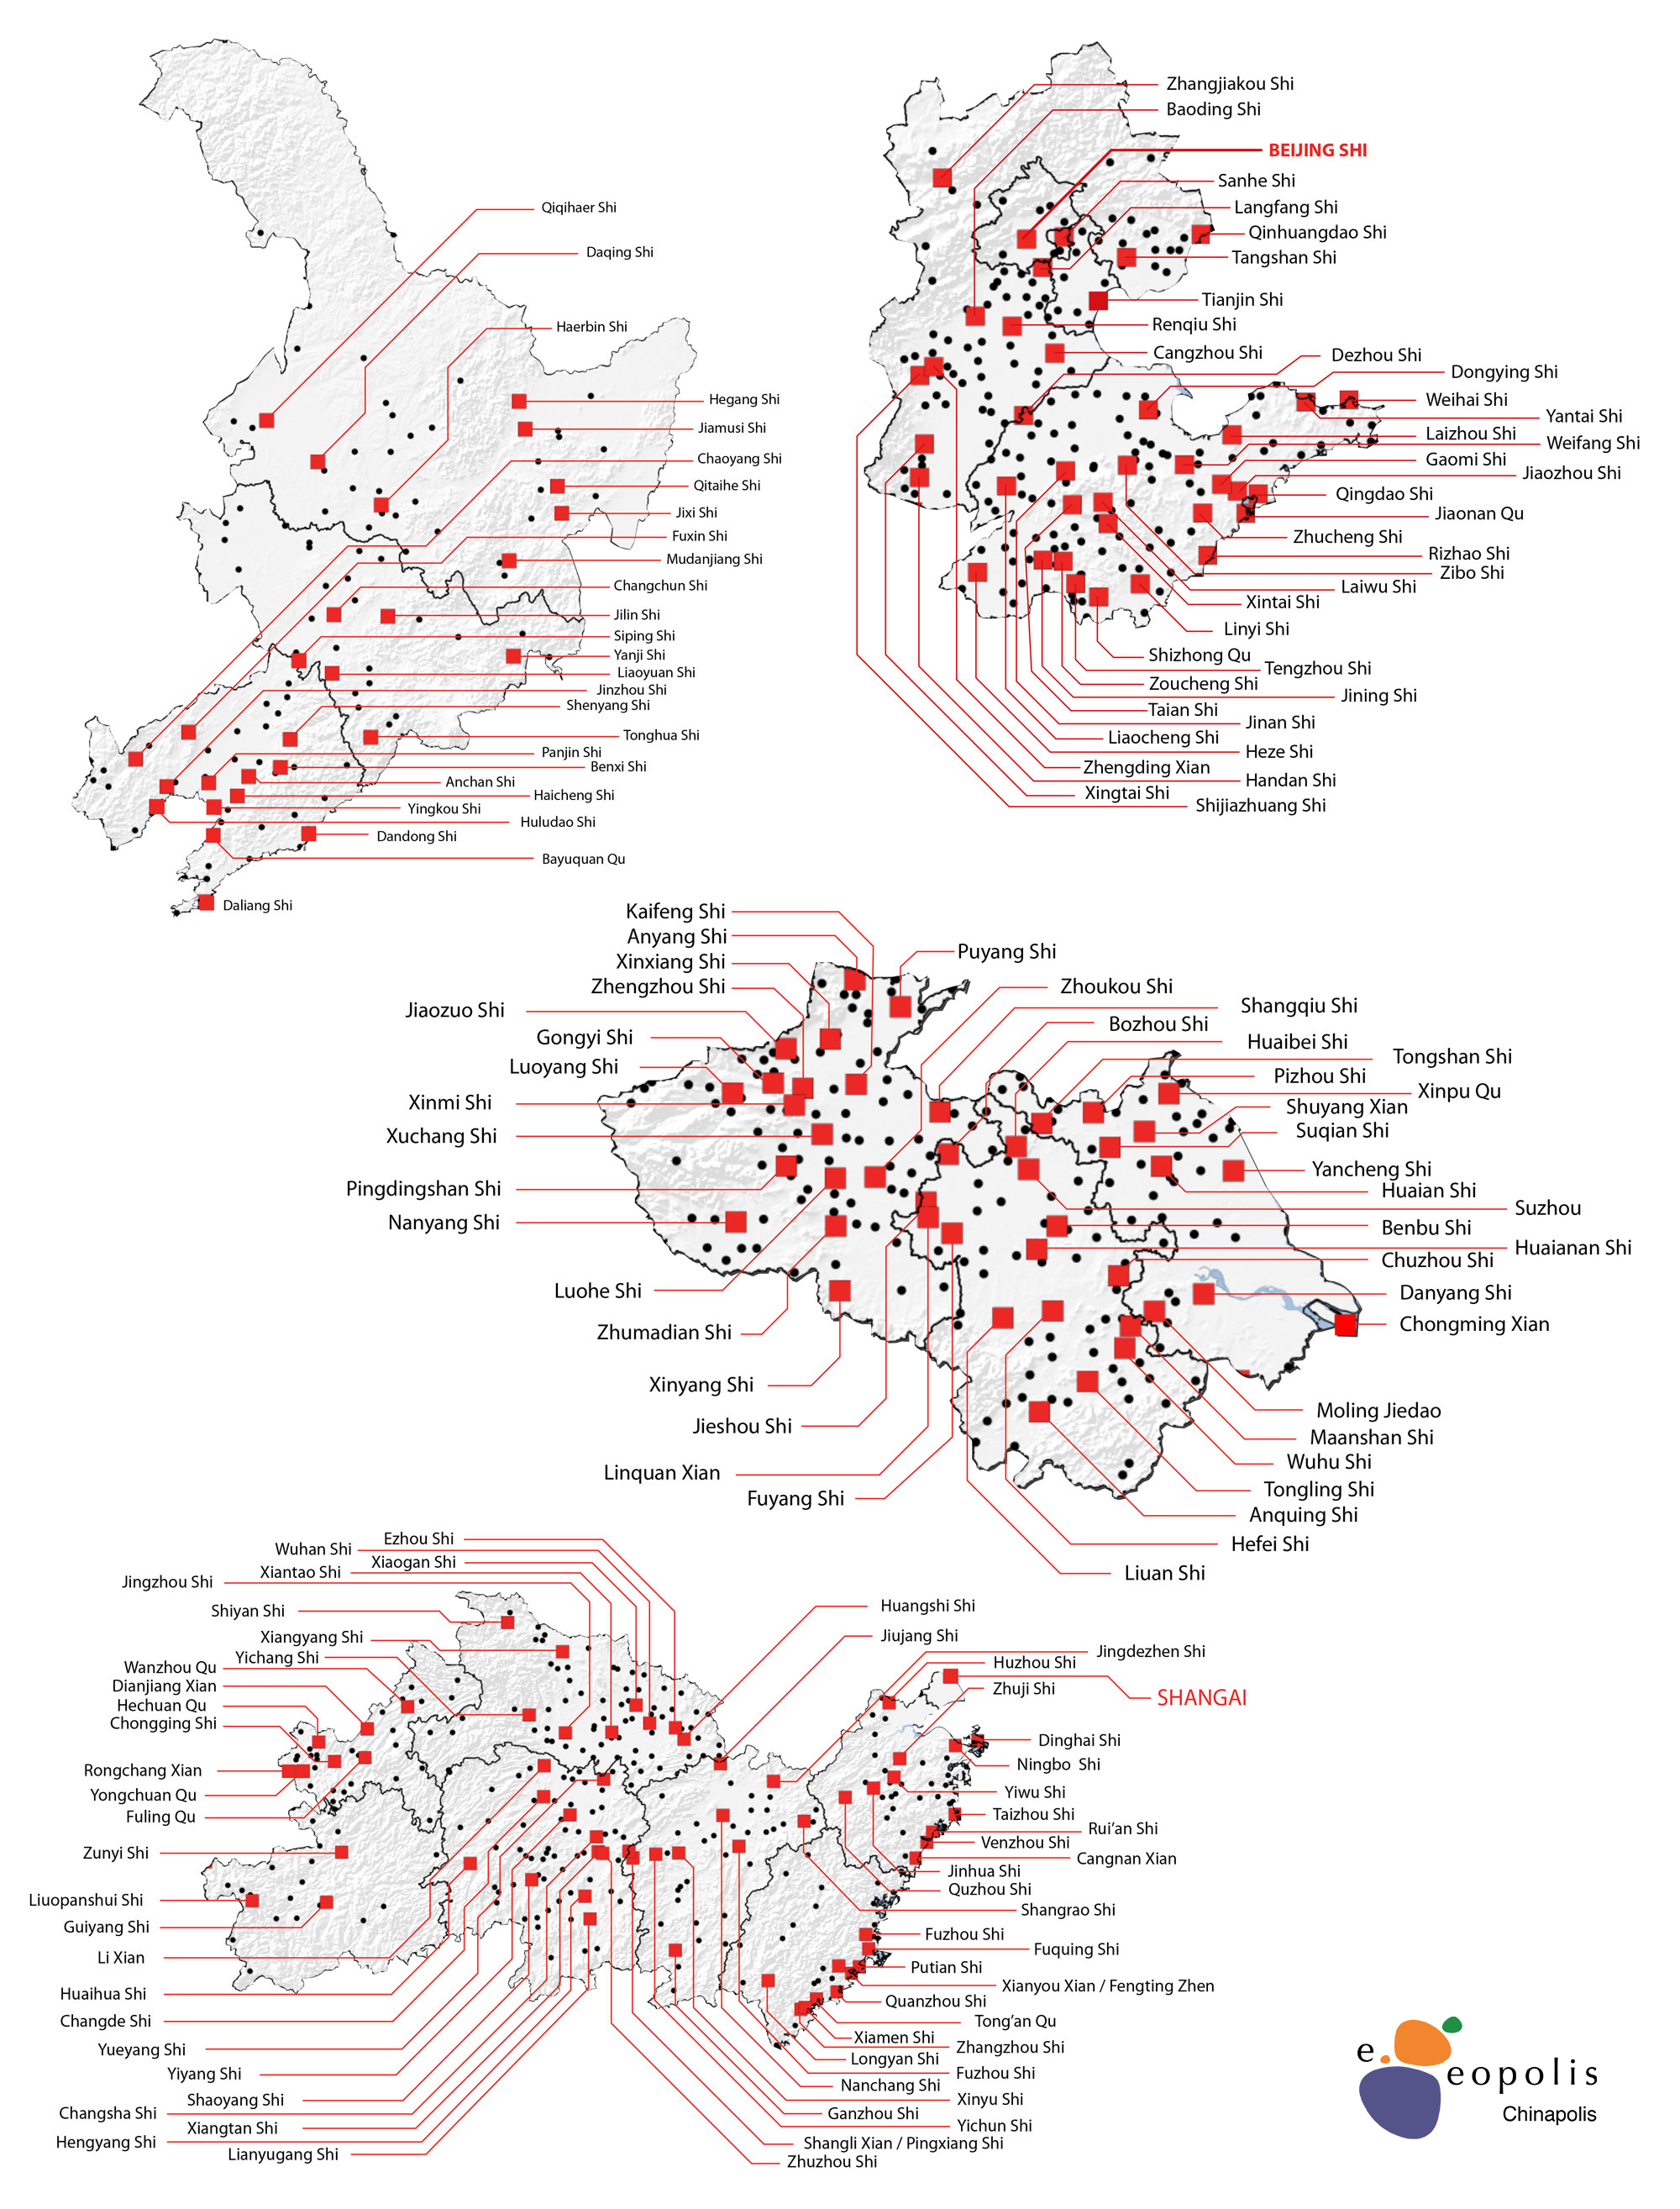 Détails des agglomérations de la Chine du Sud en 2010